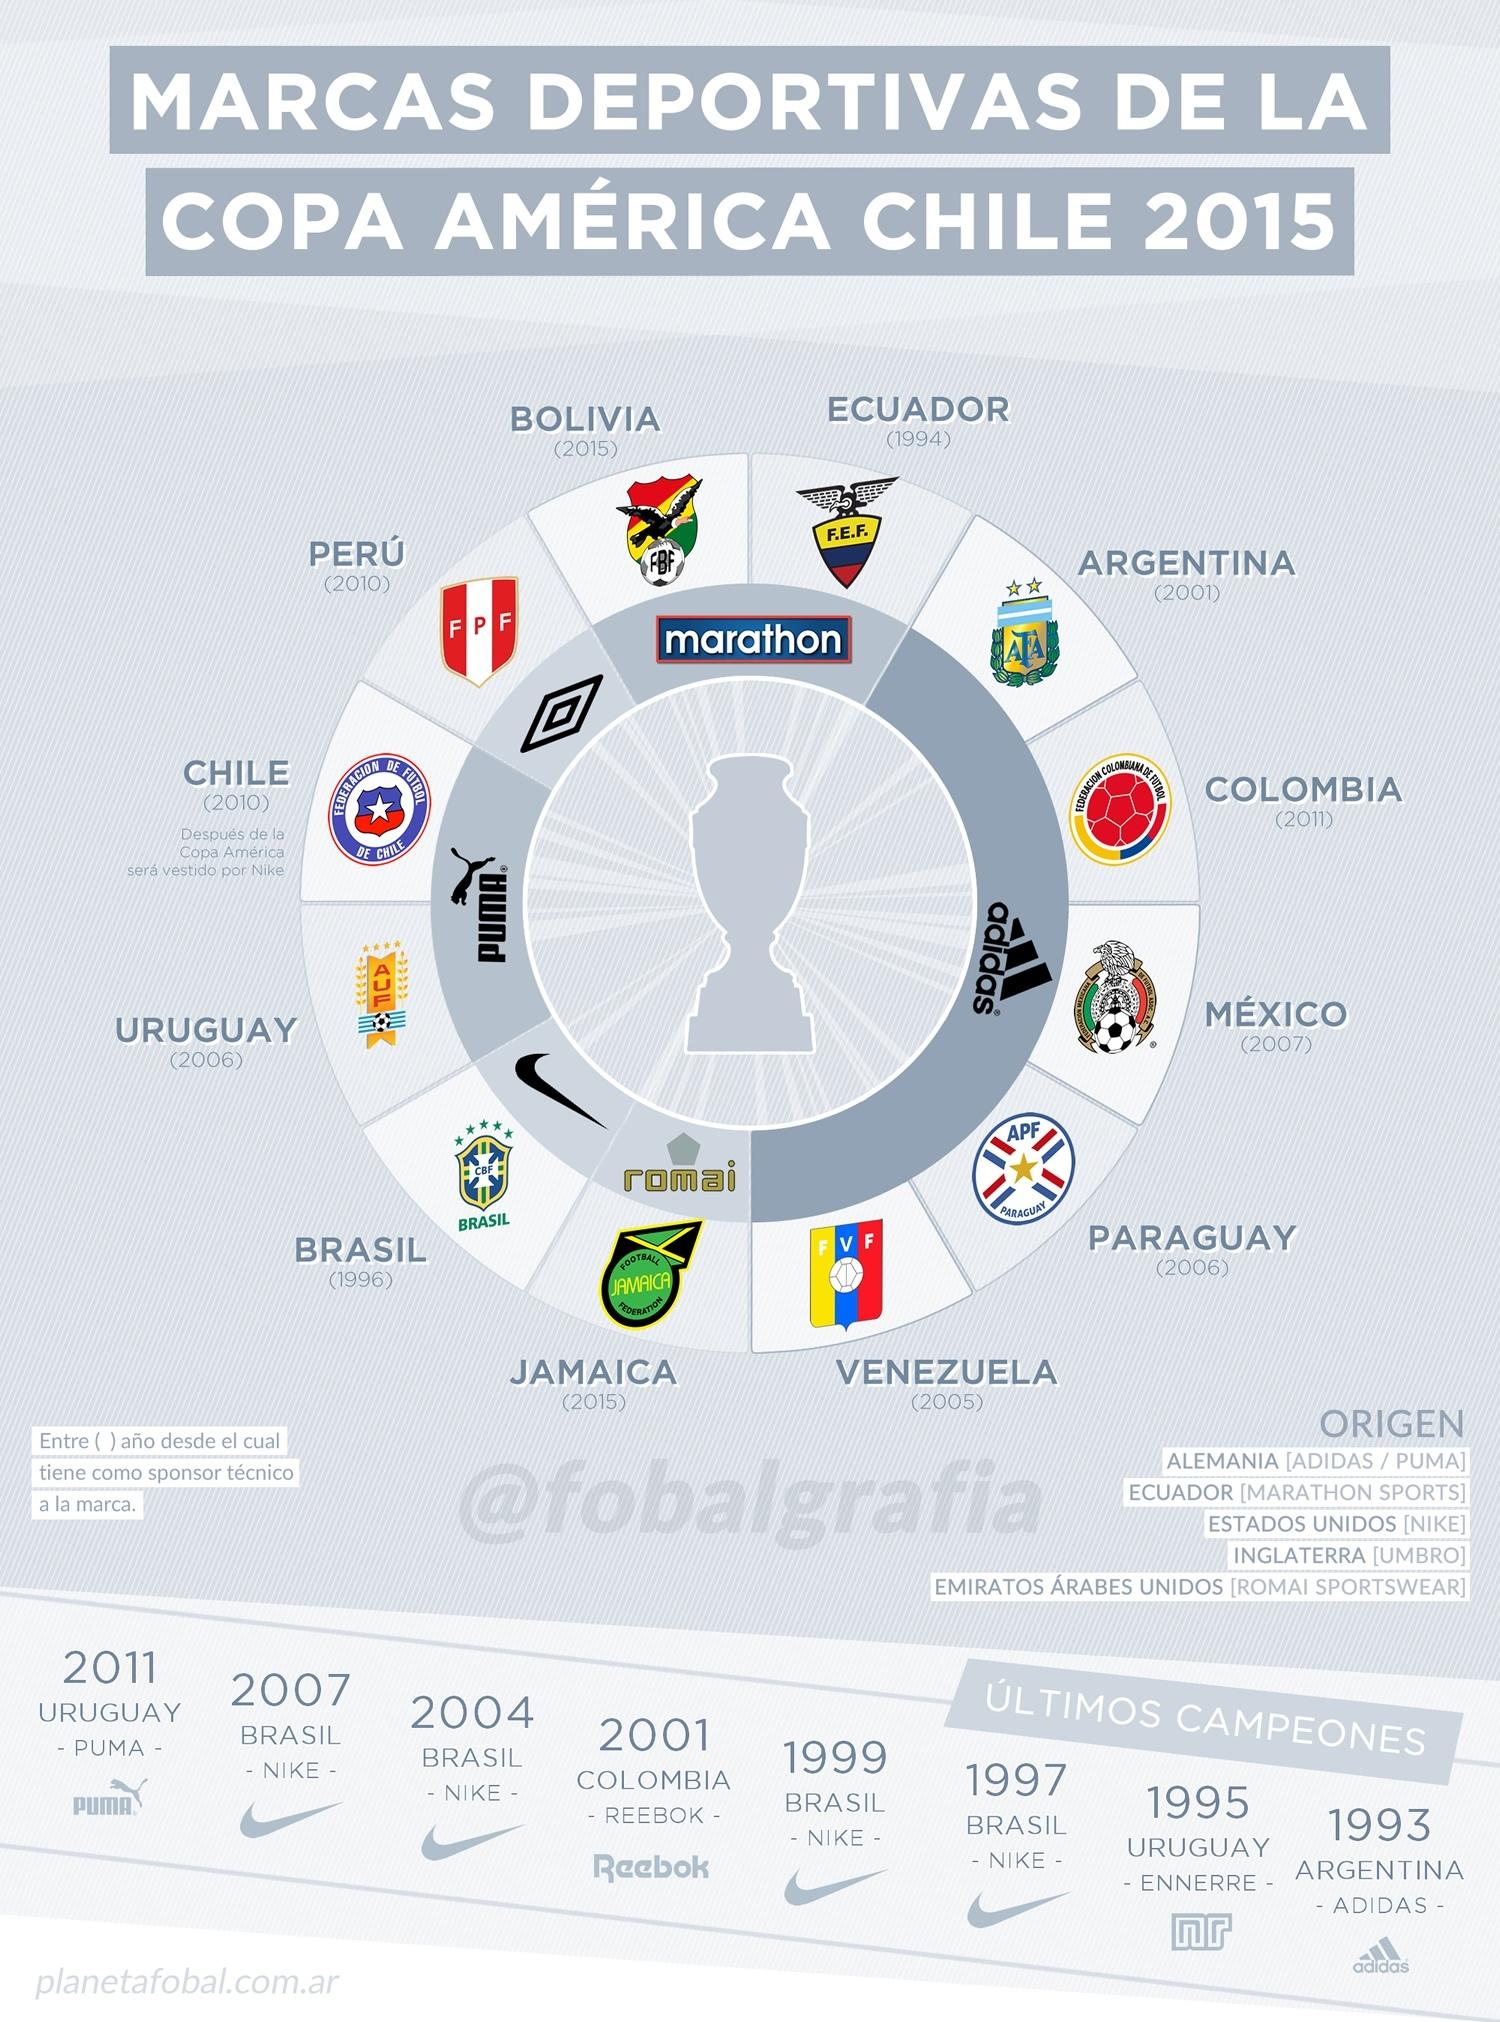 Las marcas de la Copa América Chile 2015